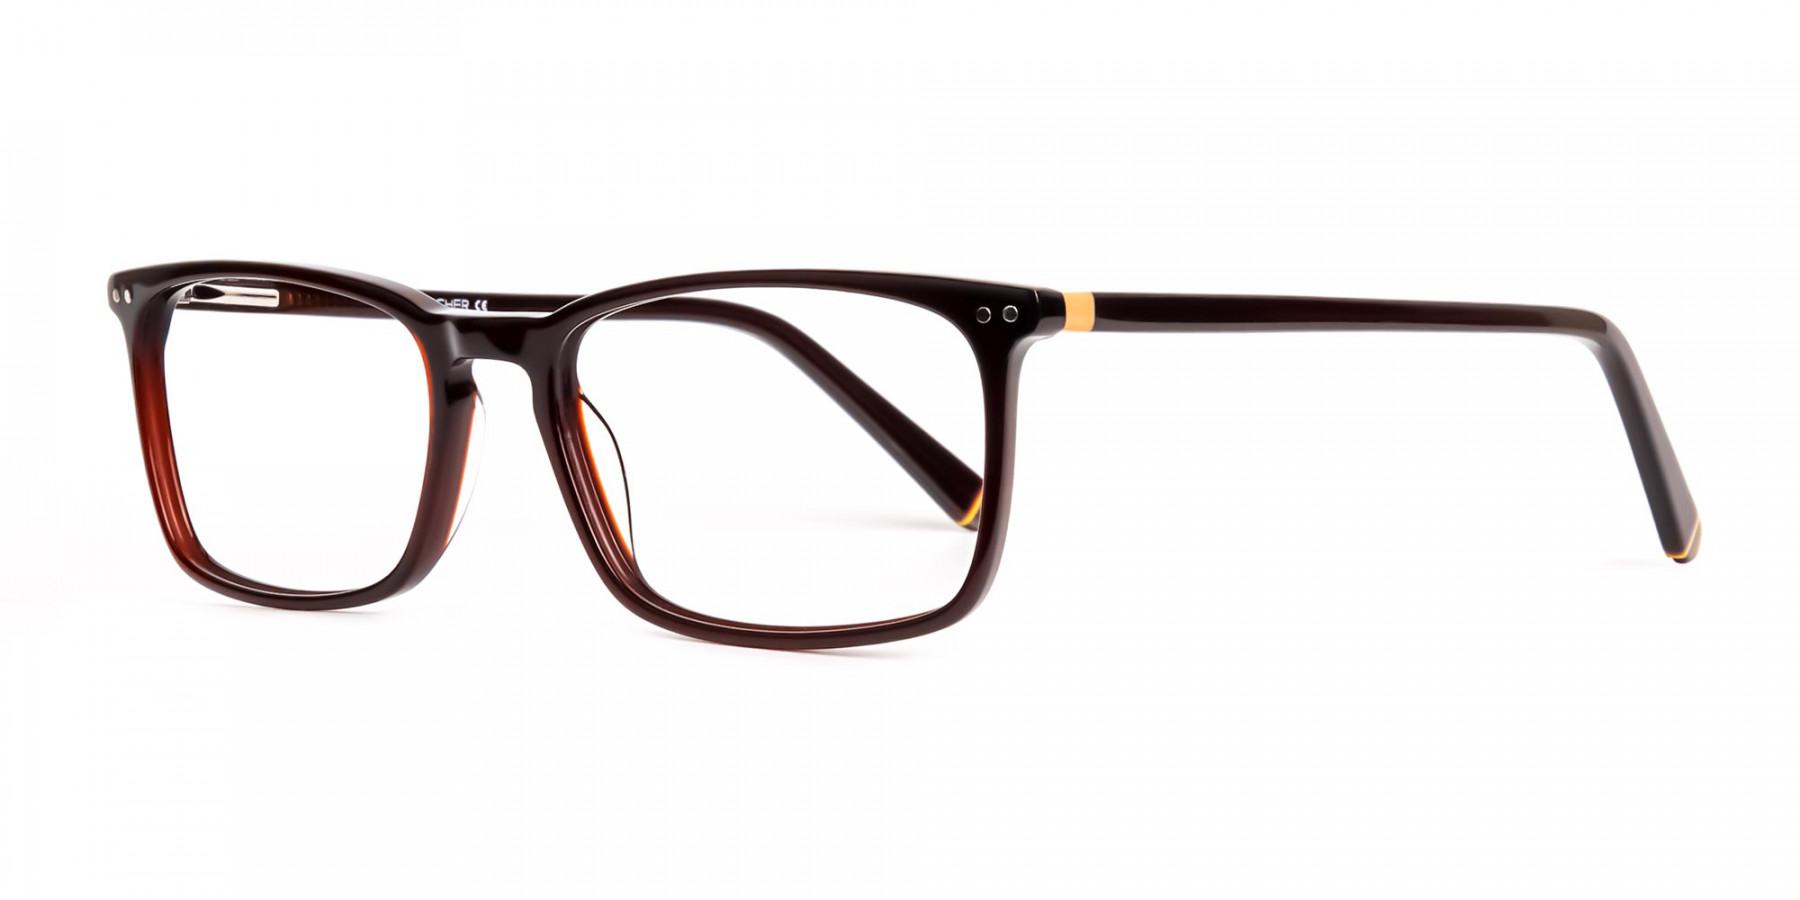 brown-glasses-rectangular-shape-frames-1